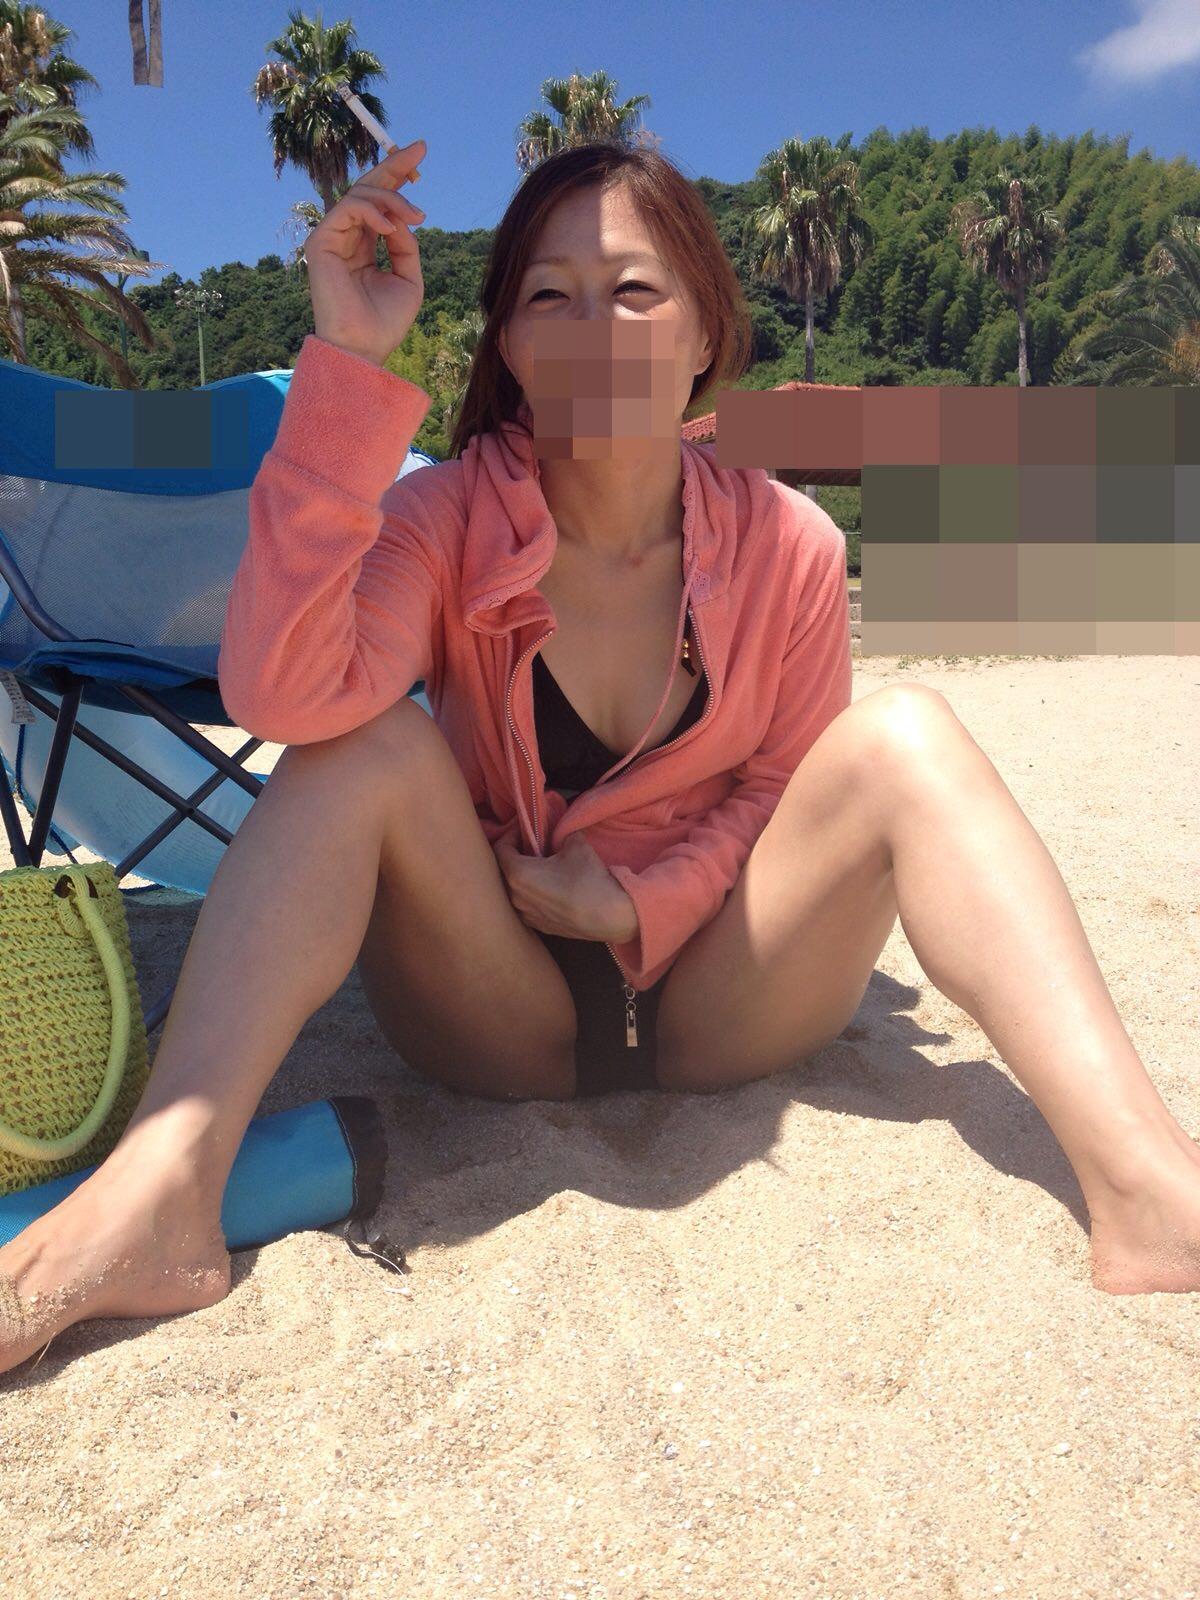 現役ナースの彼女を強制ハメ撮りしたヤバい画像がネットに流出wwwww 2113 1